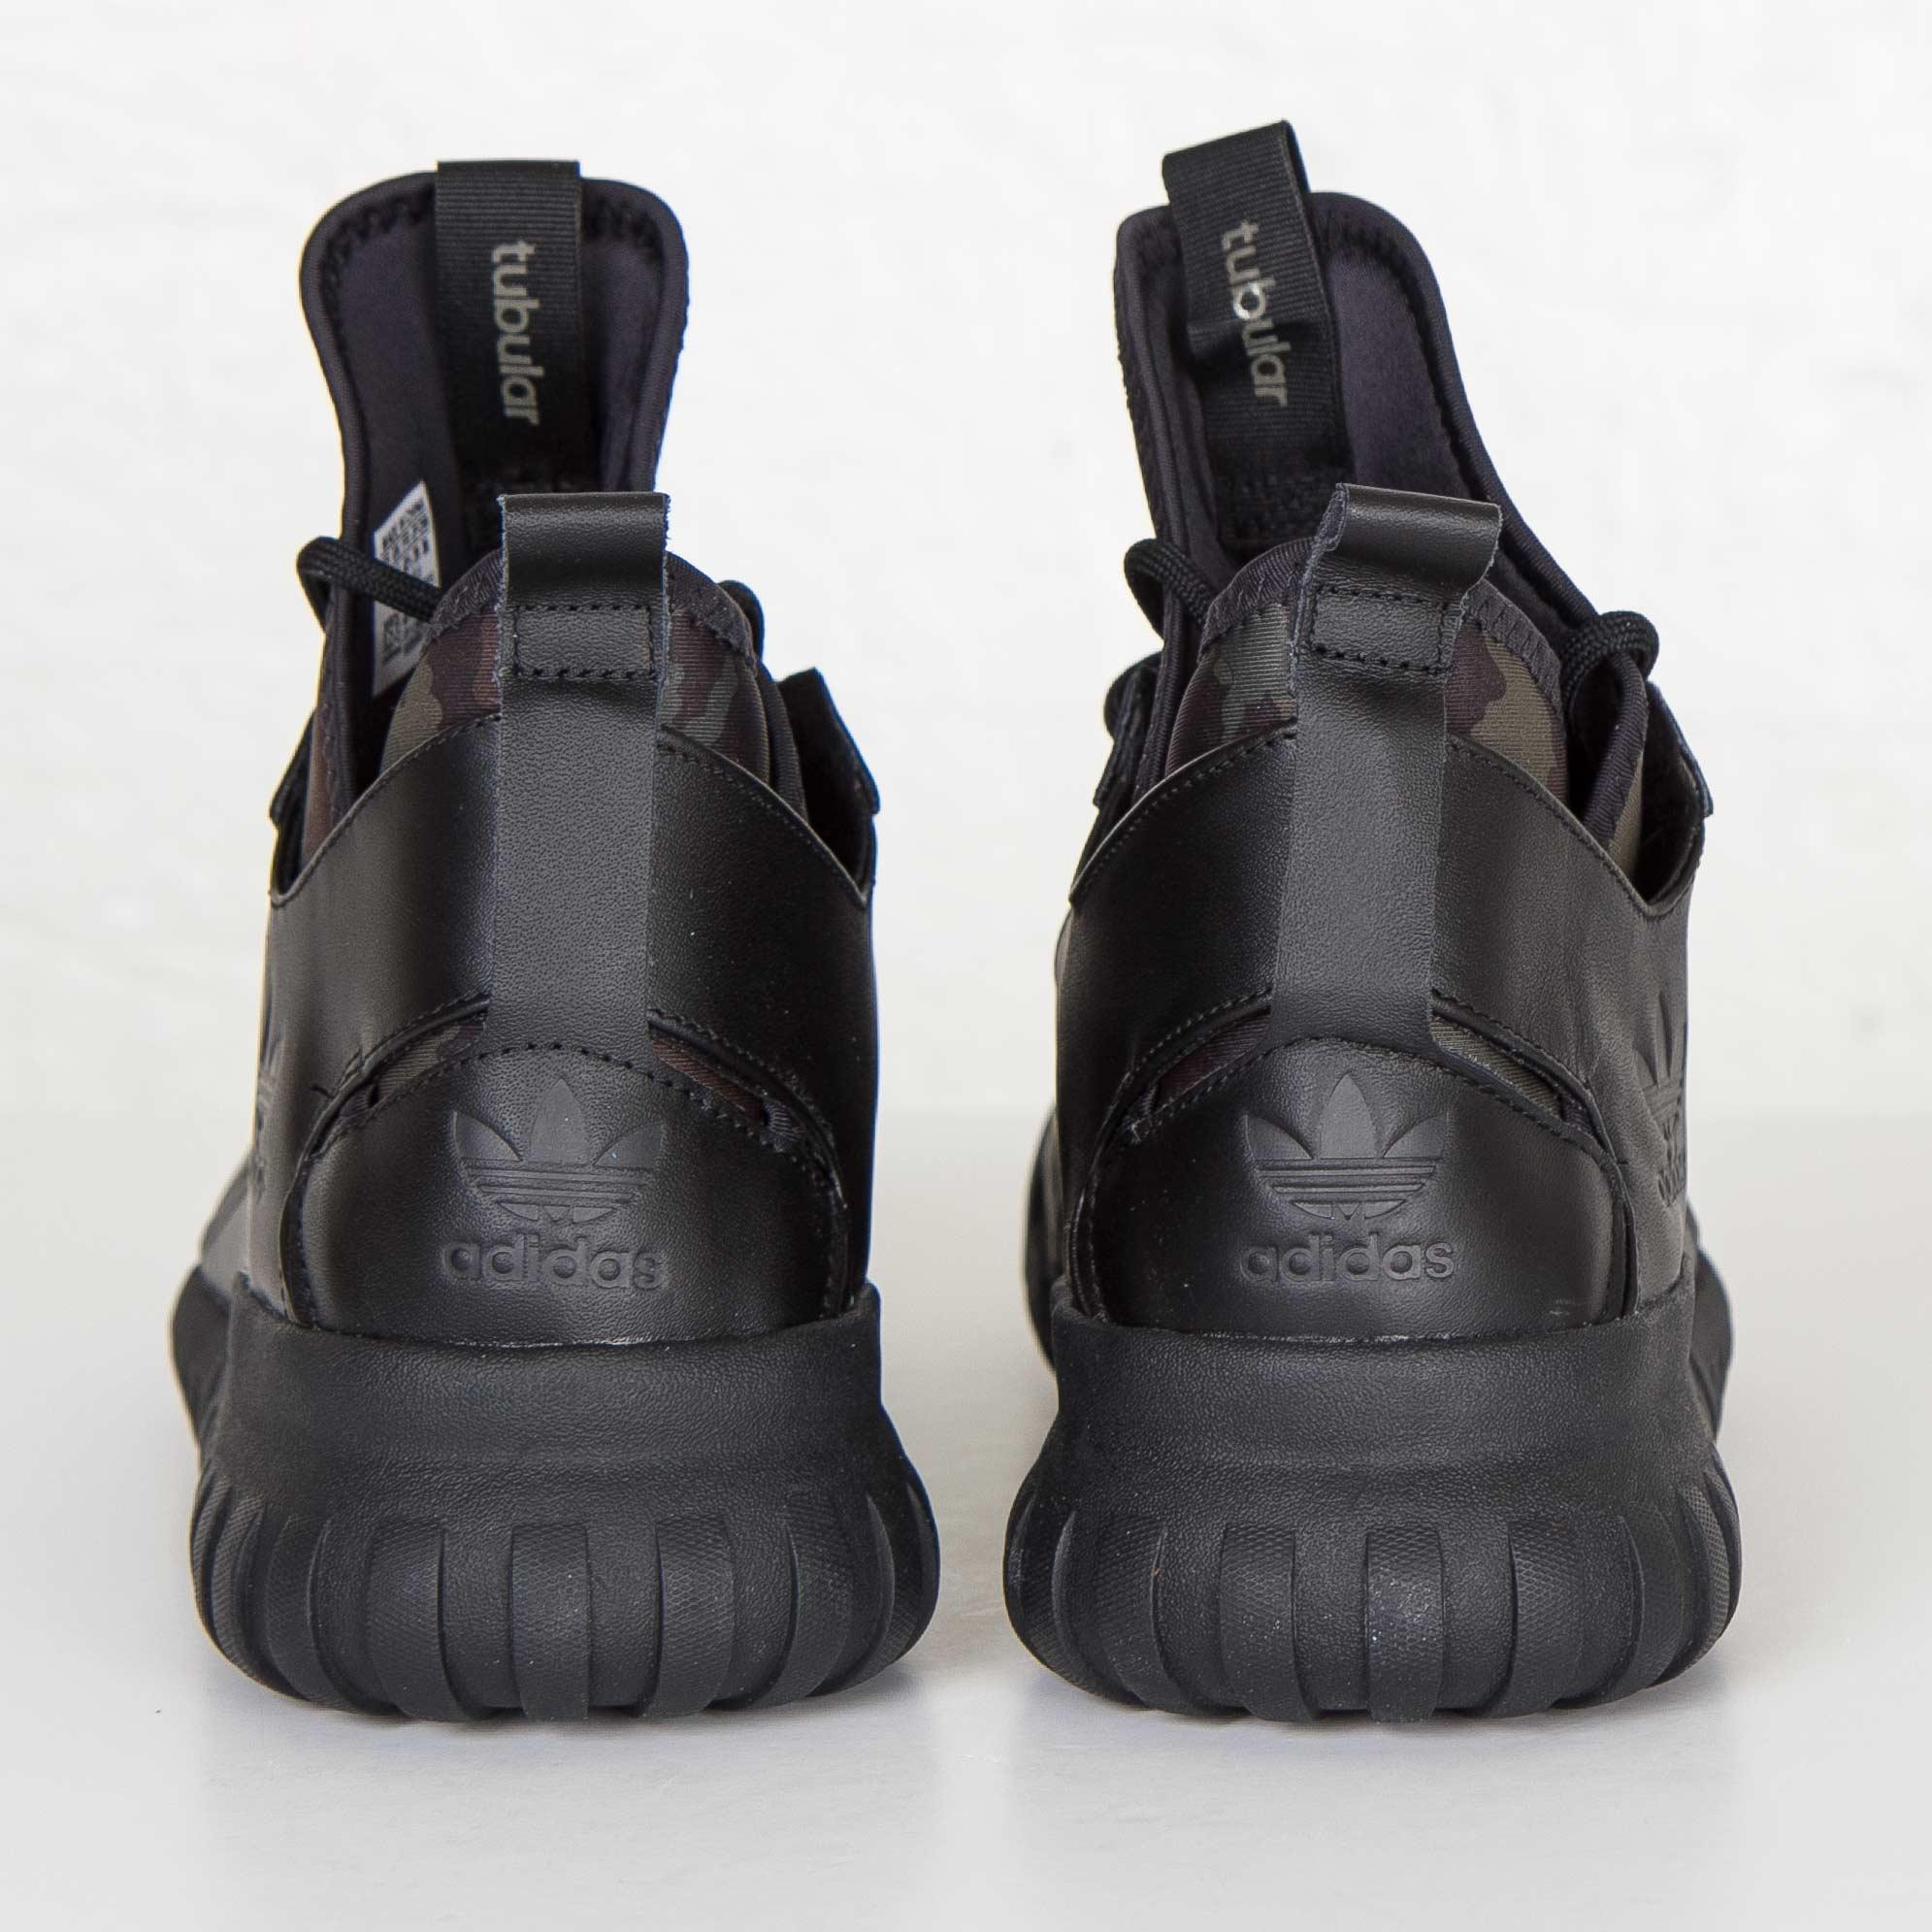 best loved 4ac6a 20d38 adidas Tubular X - B25700 - Sneakersnstuff   sneakers   streetwear online  since 1999